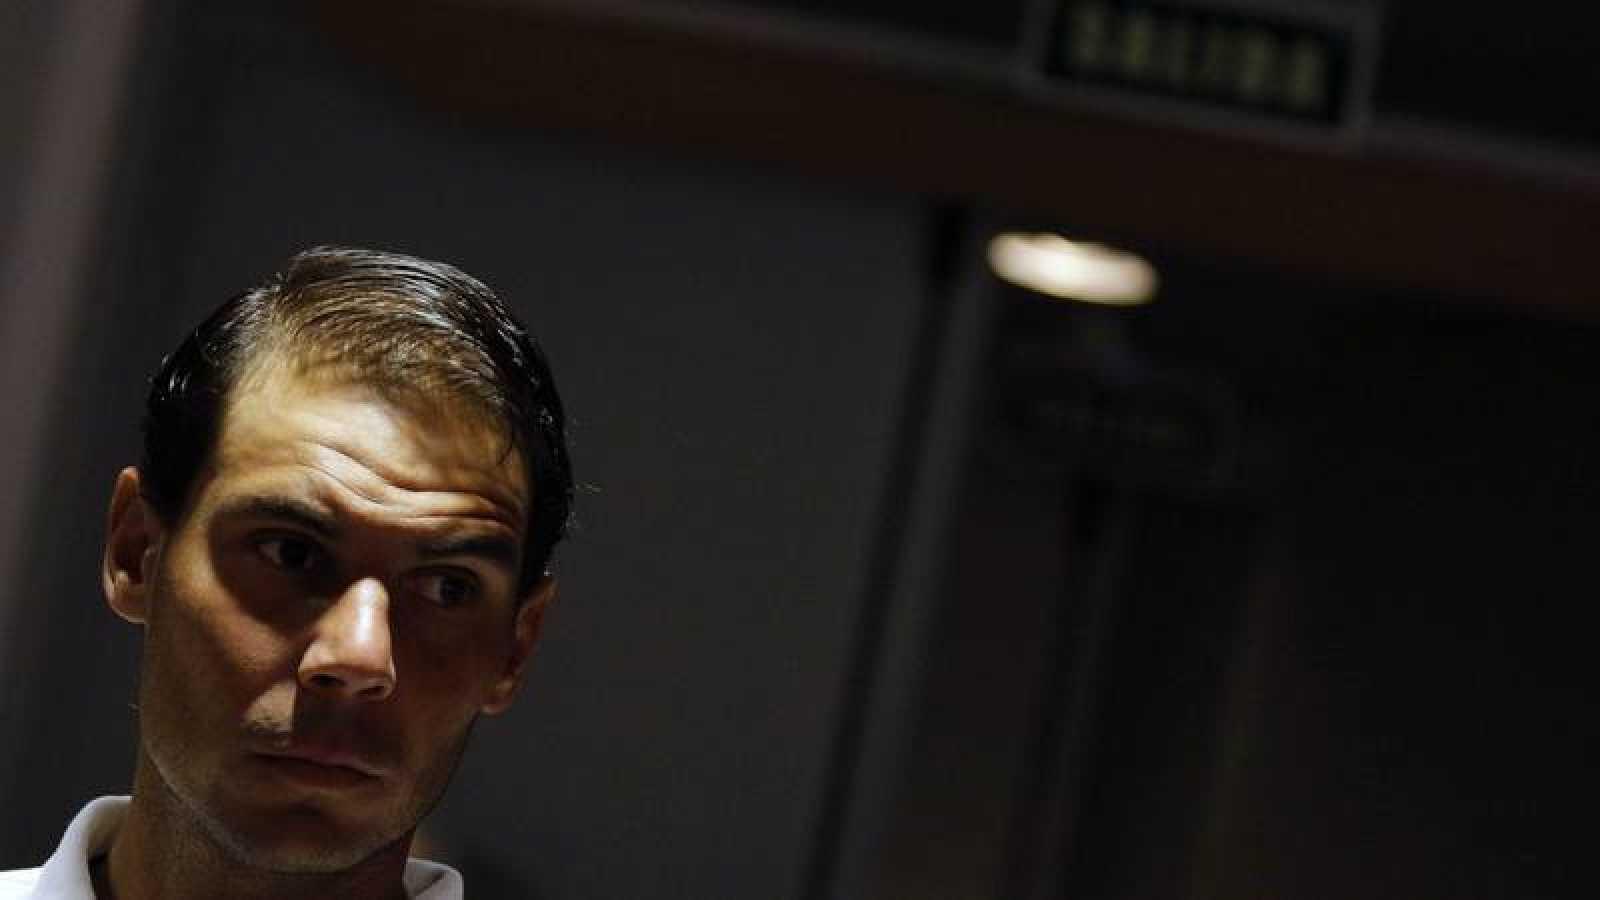 El tenista Rafa Nadal, ofrece una rueda de prensa durante el Mutua Madrid Open que se disputó en la Caja Mágica en 2019.